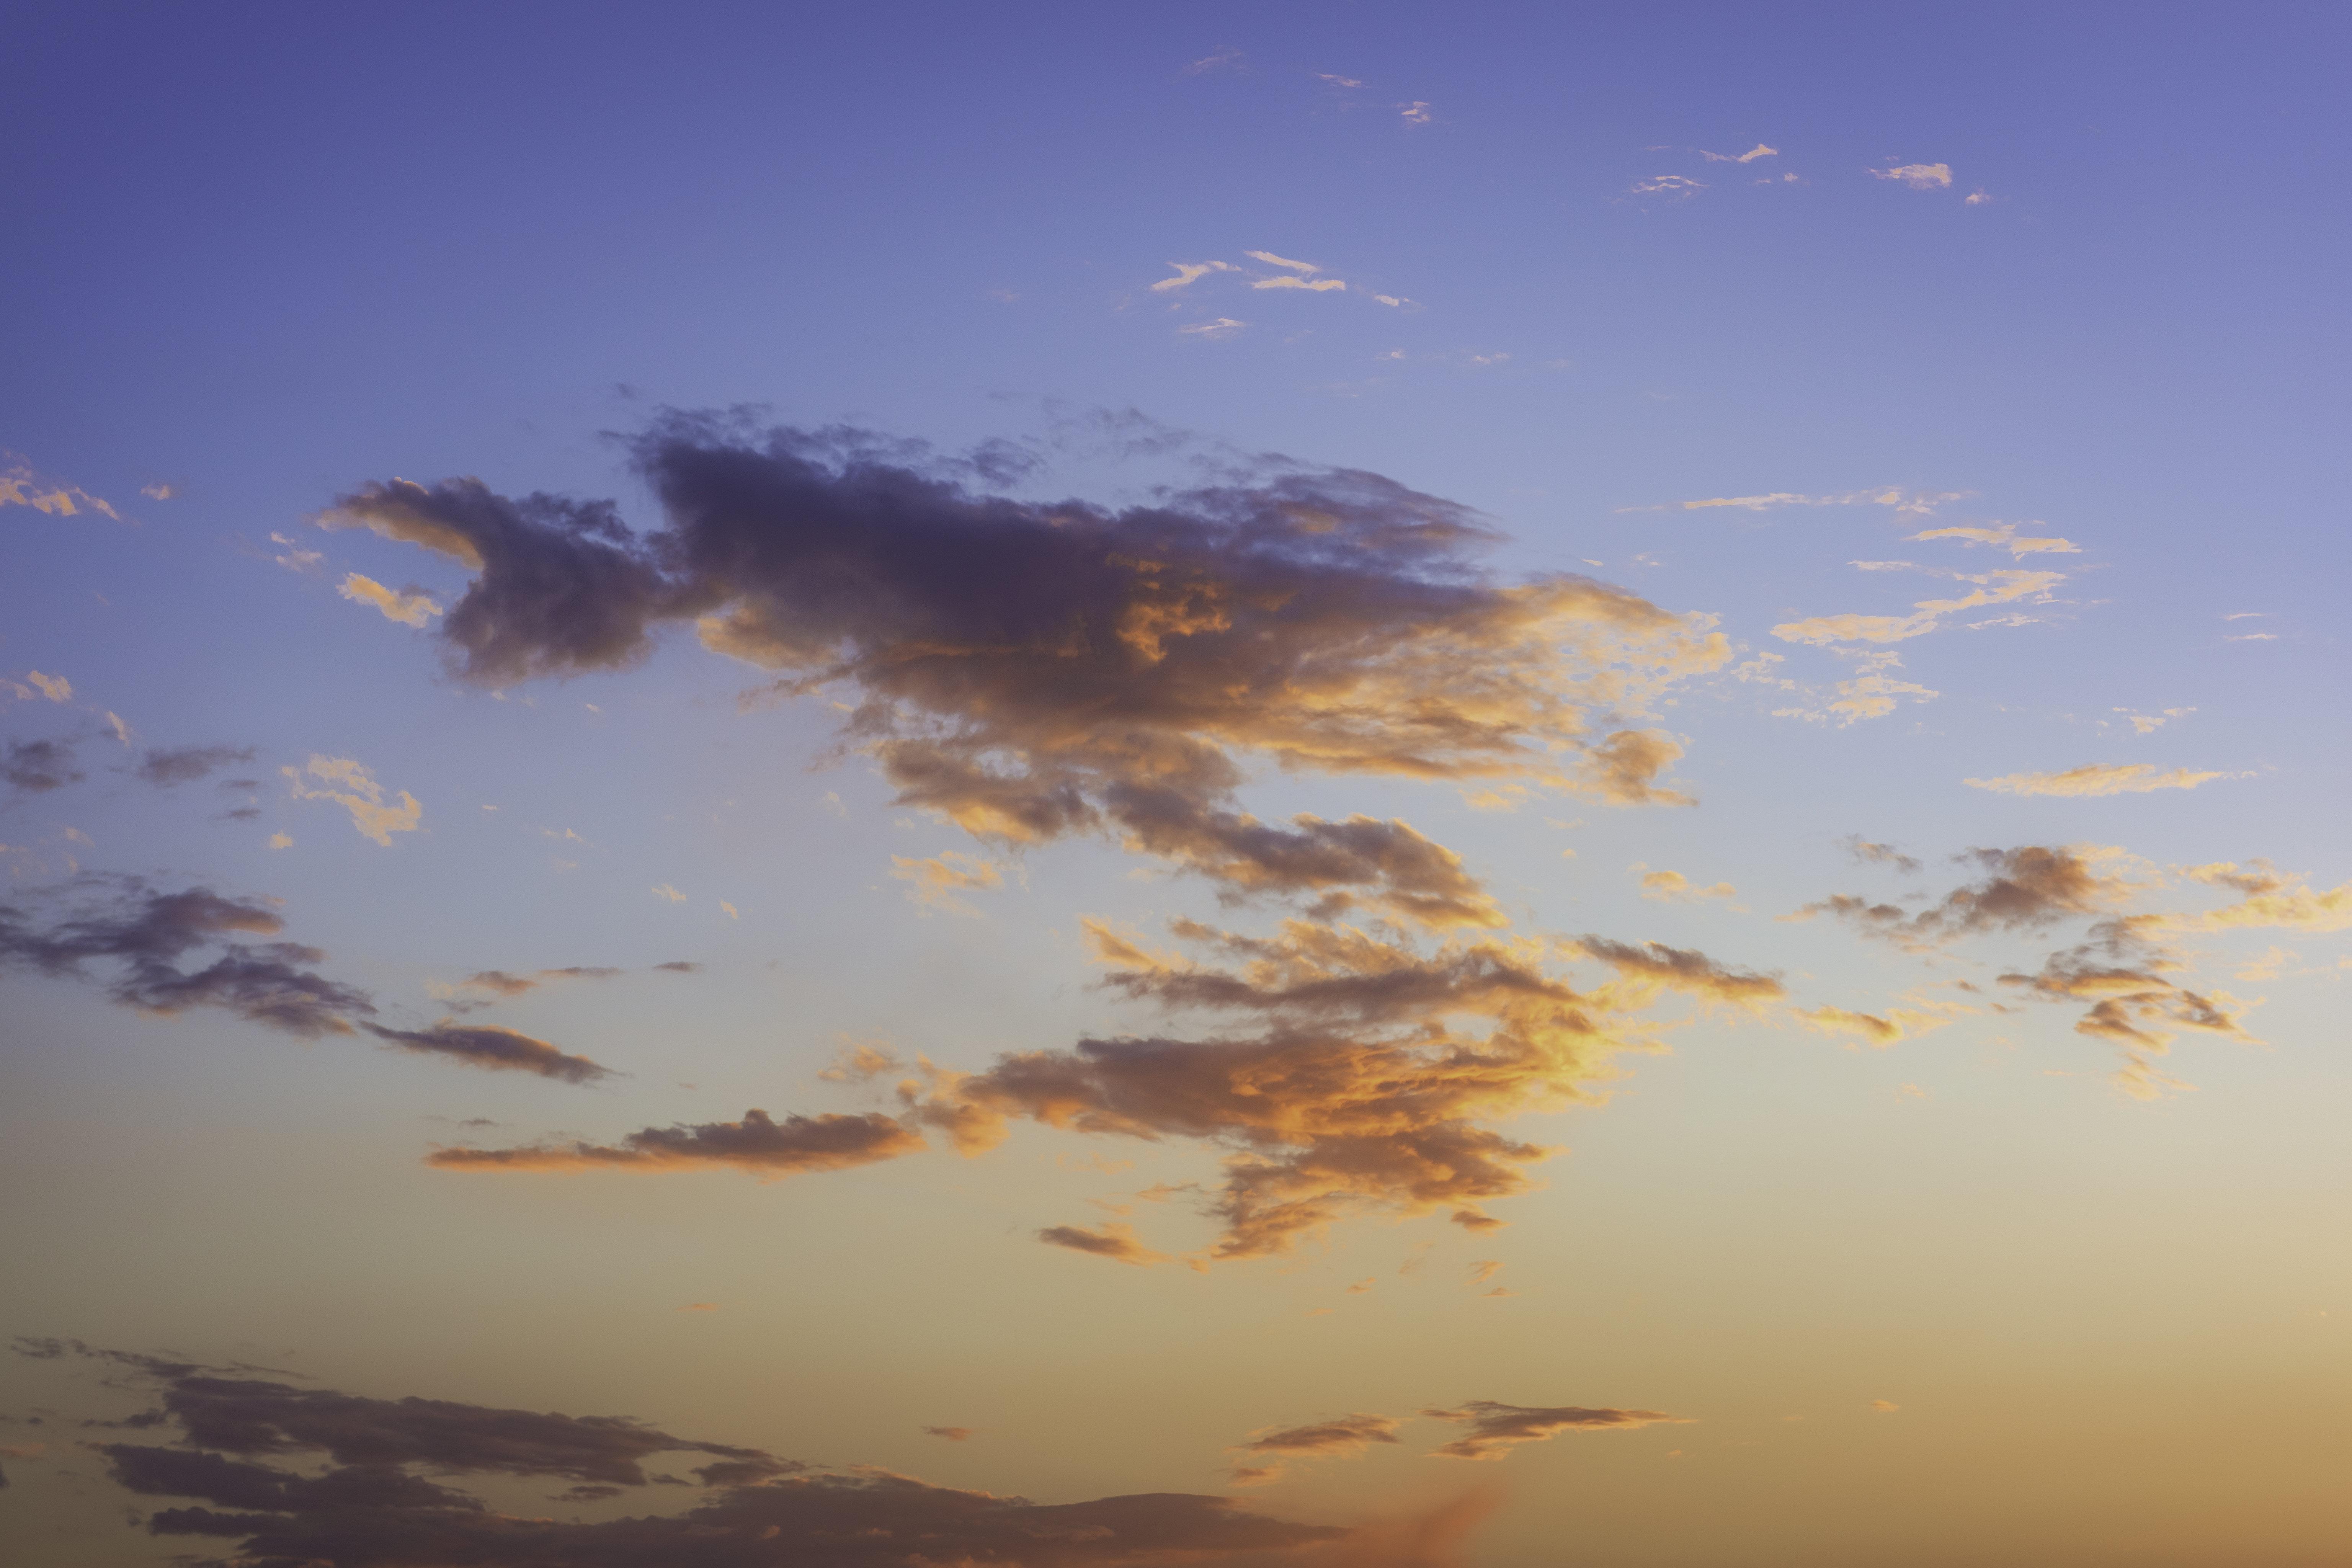 143741 скачать обои Природа, Облака, Небо, Закат, Красивый, Вечер - заставки и картинки бесплатно